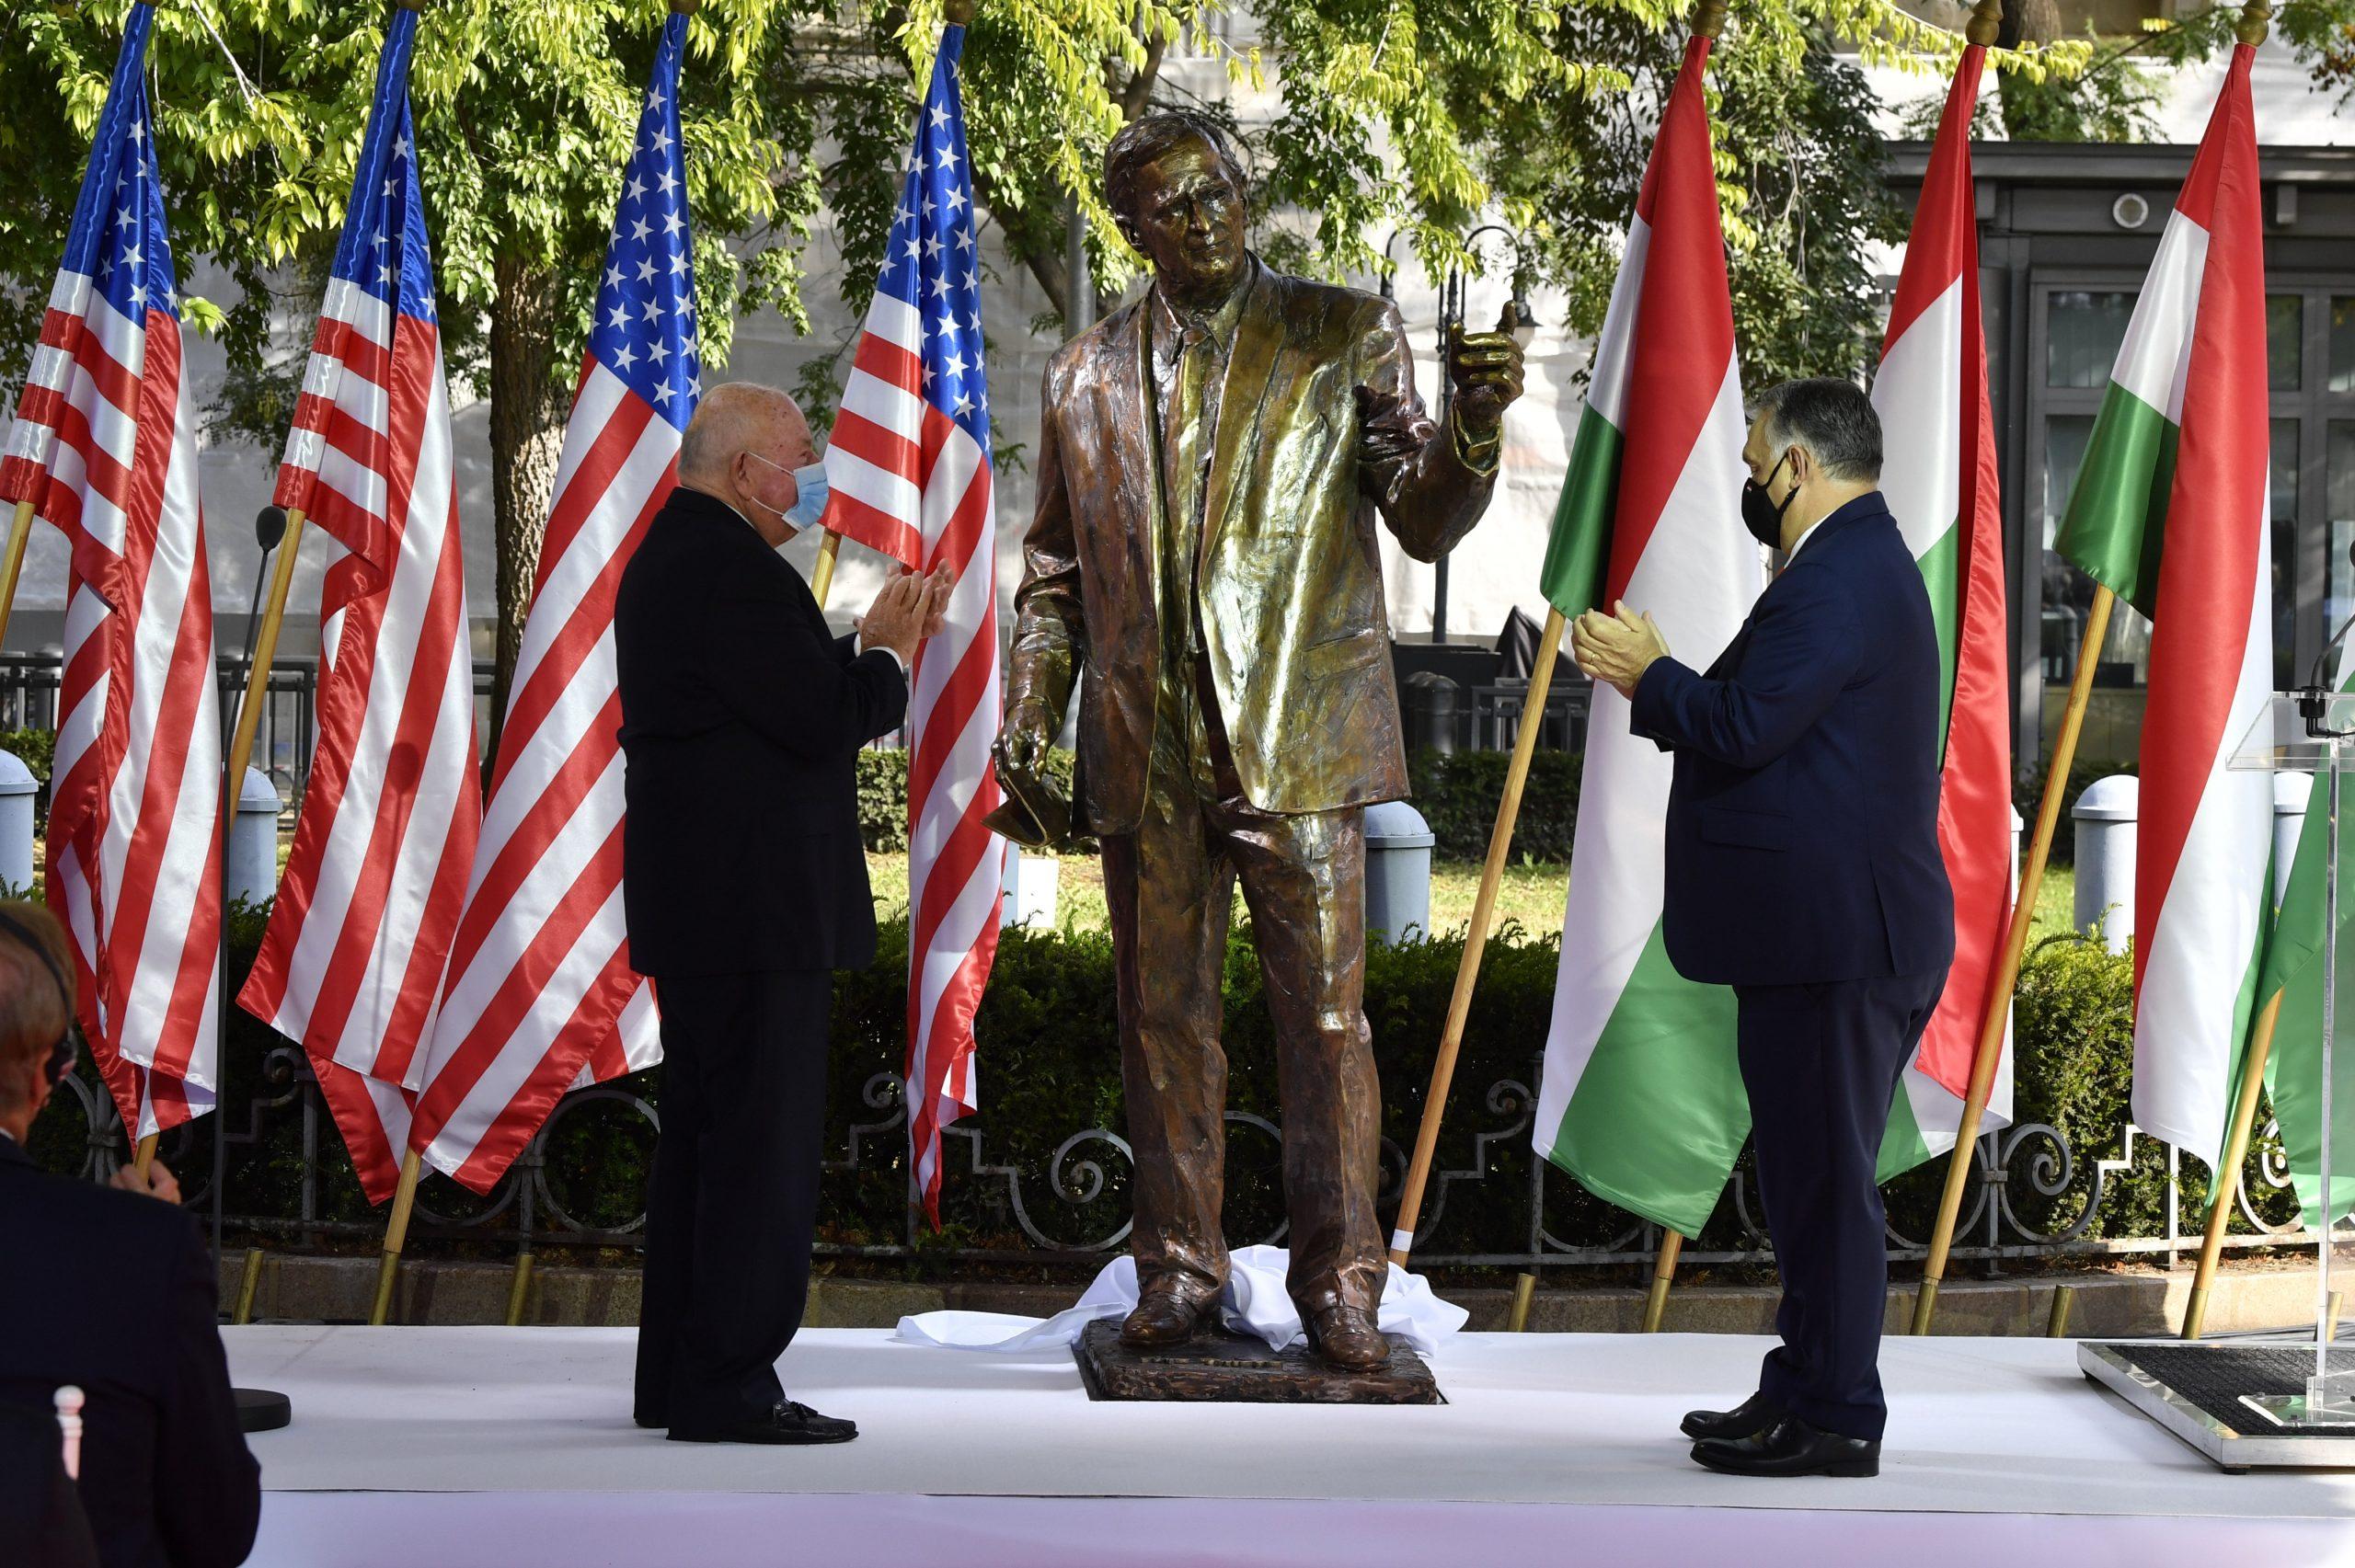 Orbán dévoile le monument George Bush: `` Il partageait le rêve de liberté et d'indépendance de l'Europe centrale ''